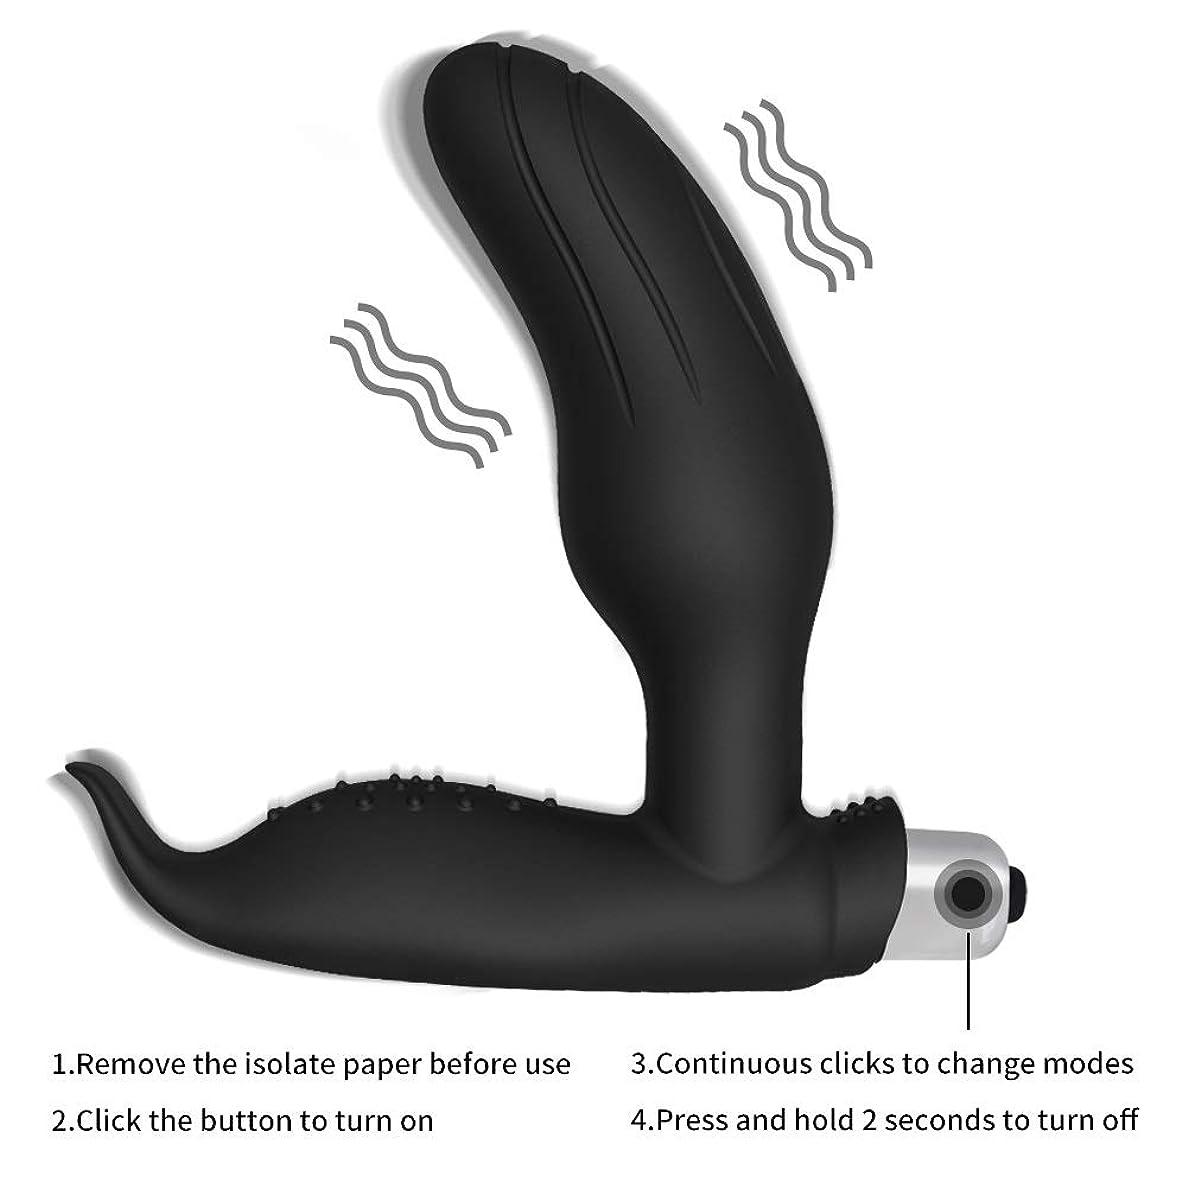 なんとなく自分区別するNZSZMHS Prostate Massager A-Man Plug用Man G Spot ButtplugVíbrators初心者